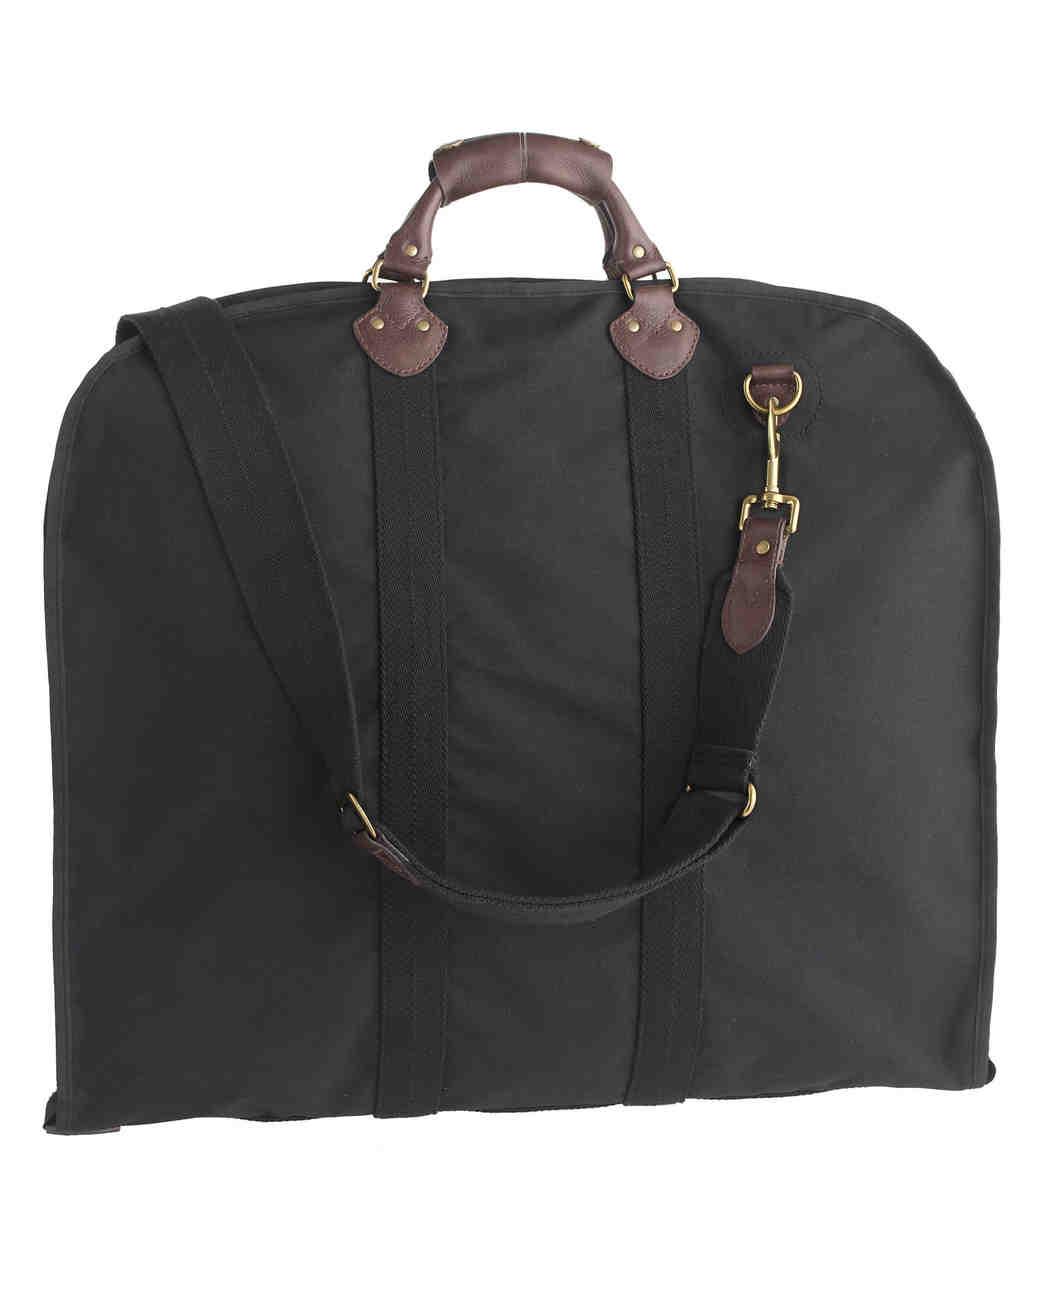 grooms-gift-j-crew-garment-bag-0616.jpg